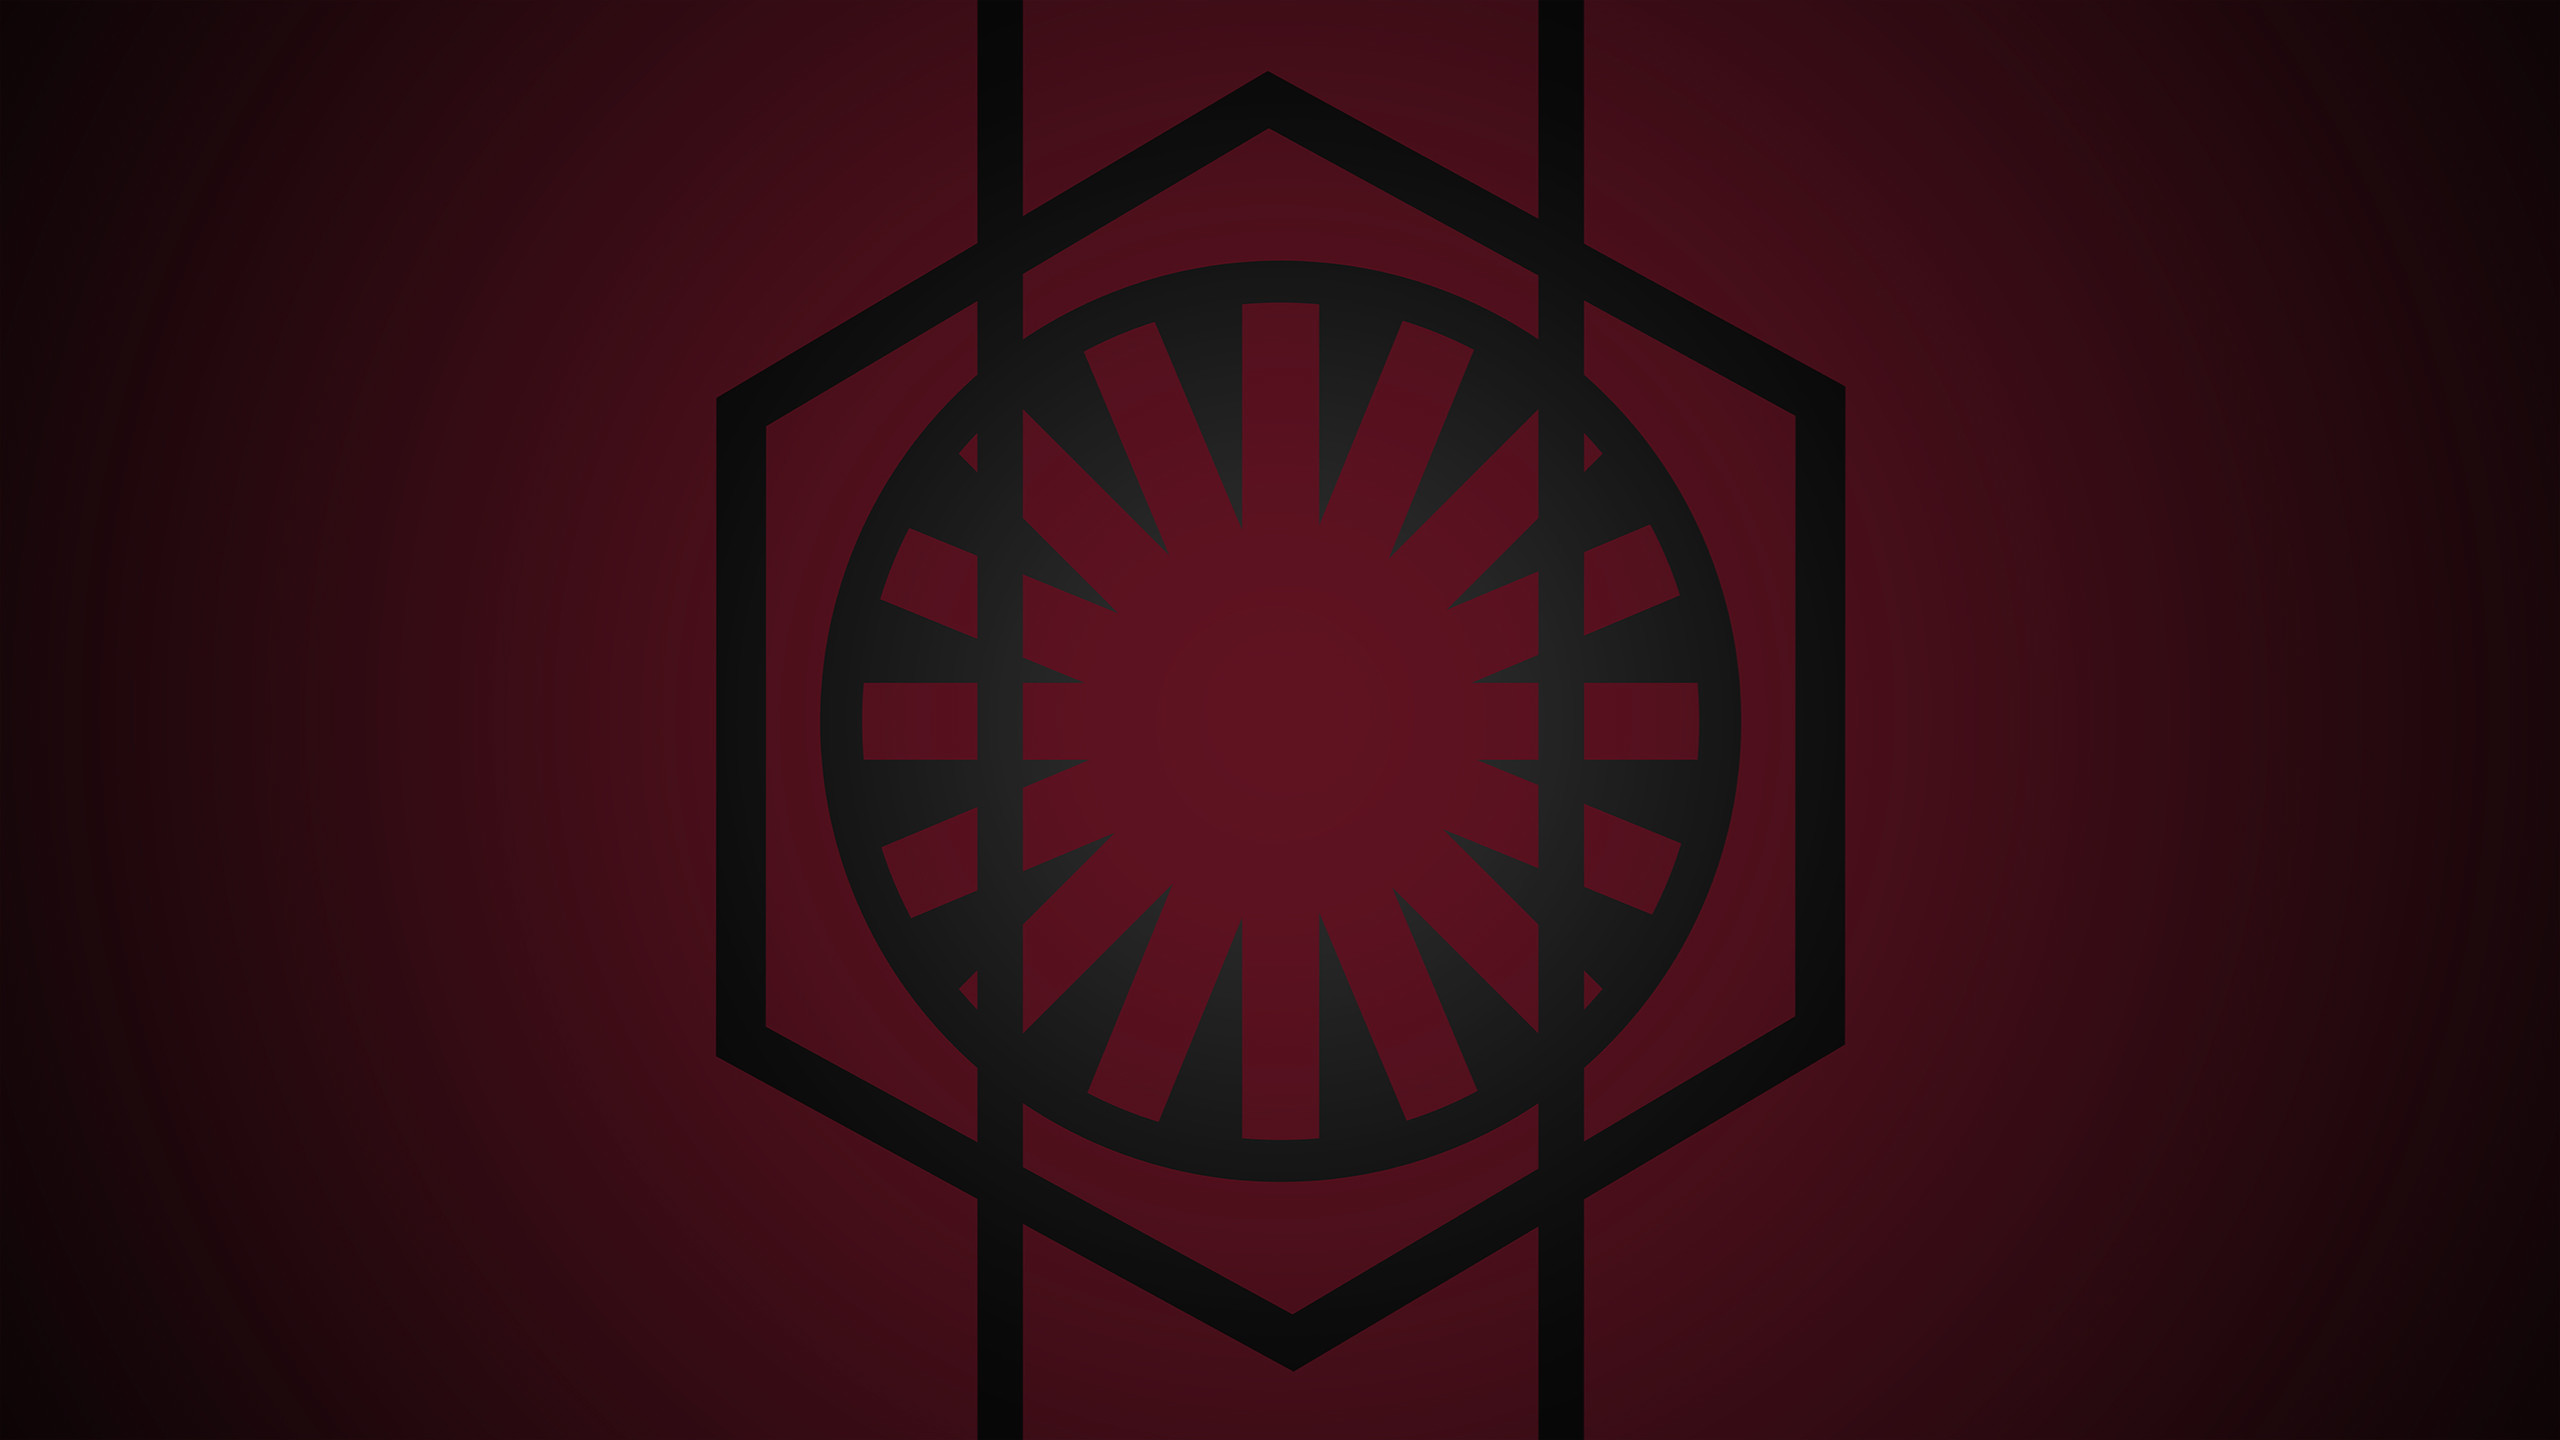 First Order Stormtrooper Wallpaper – WallpaperSafari